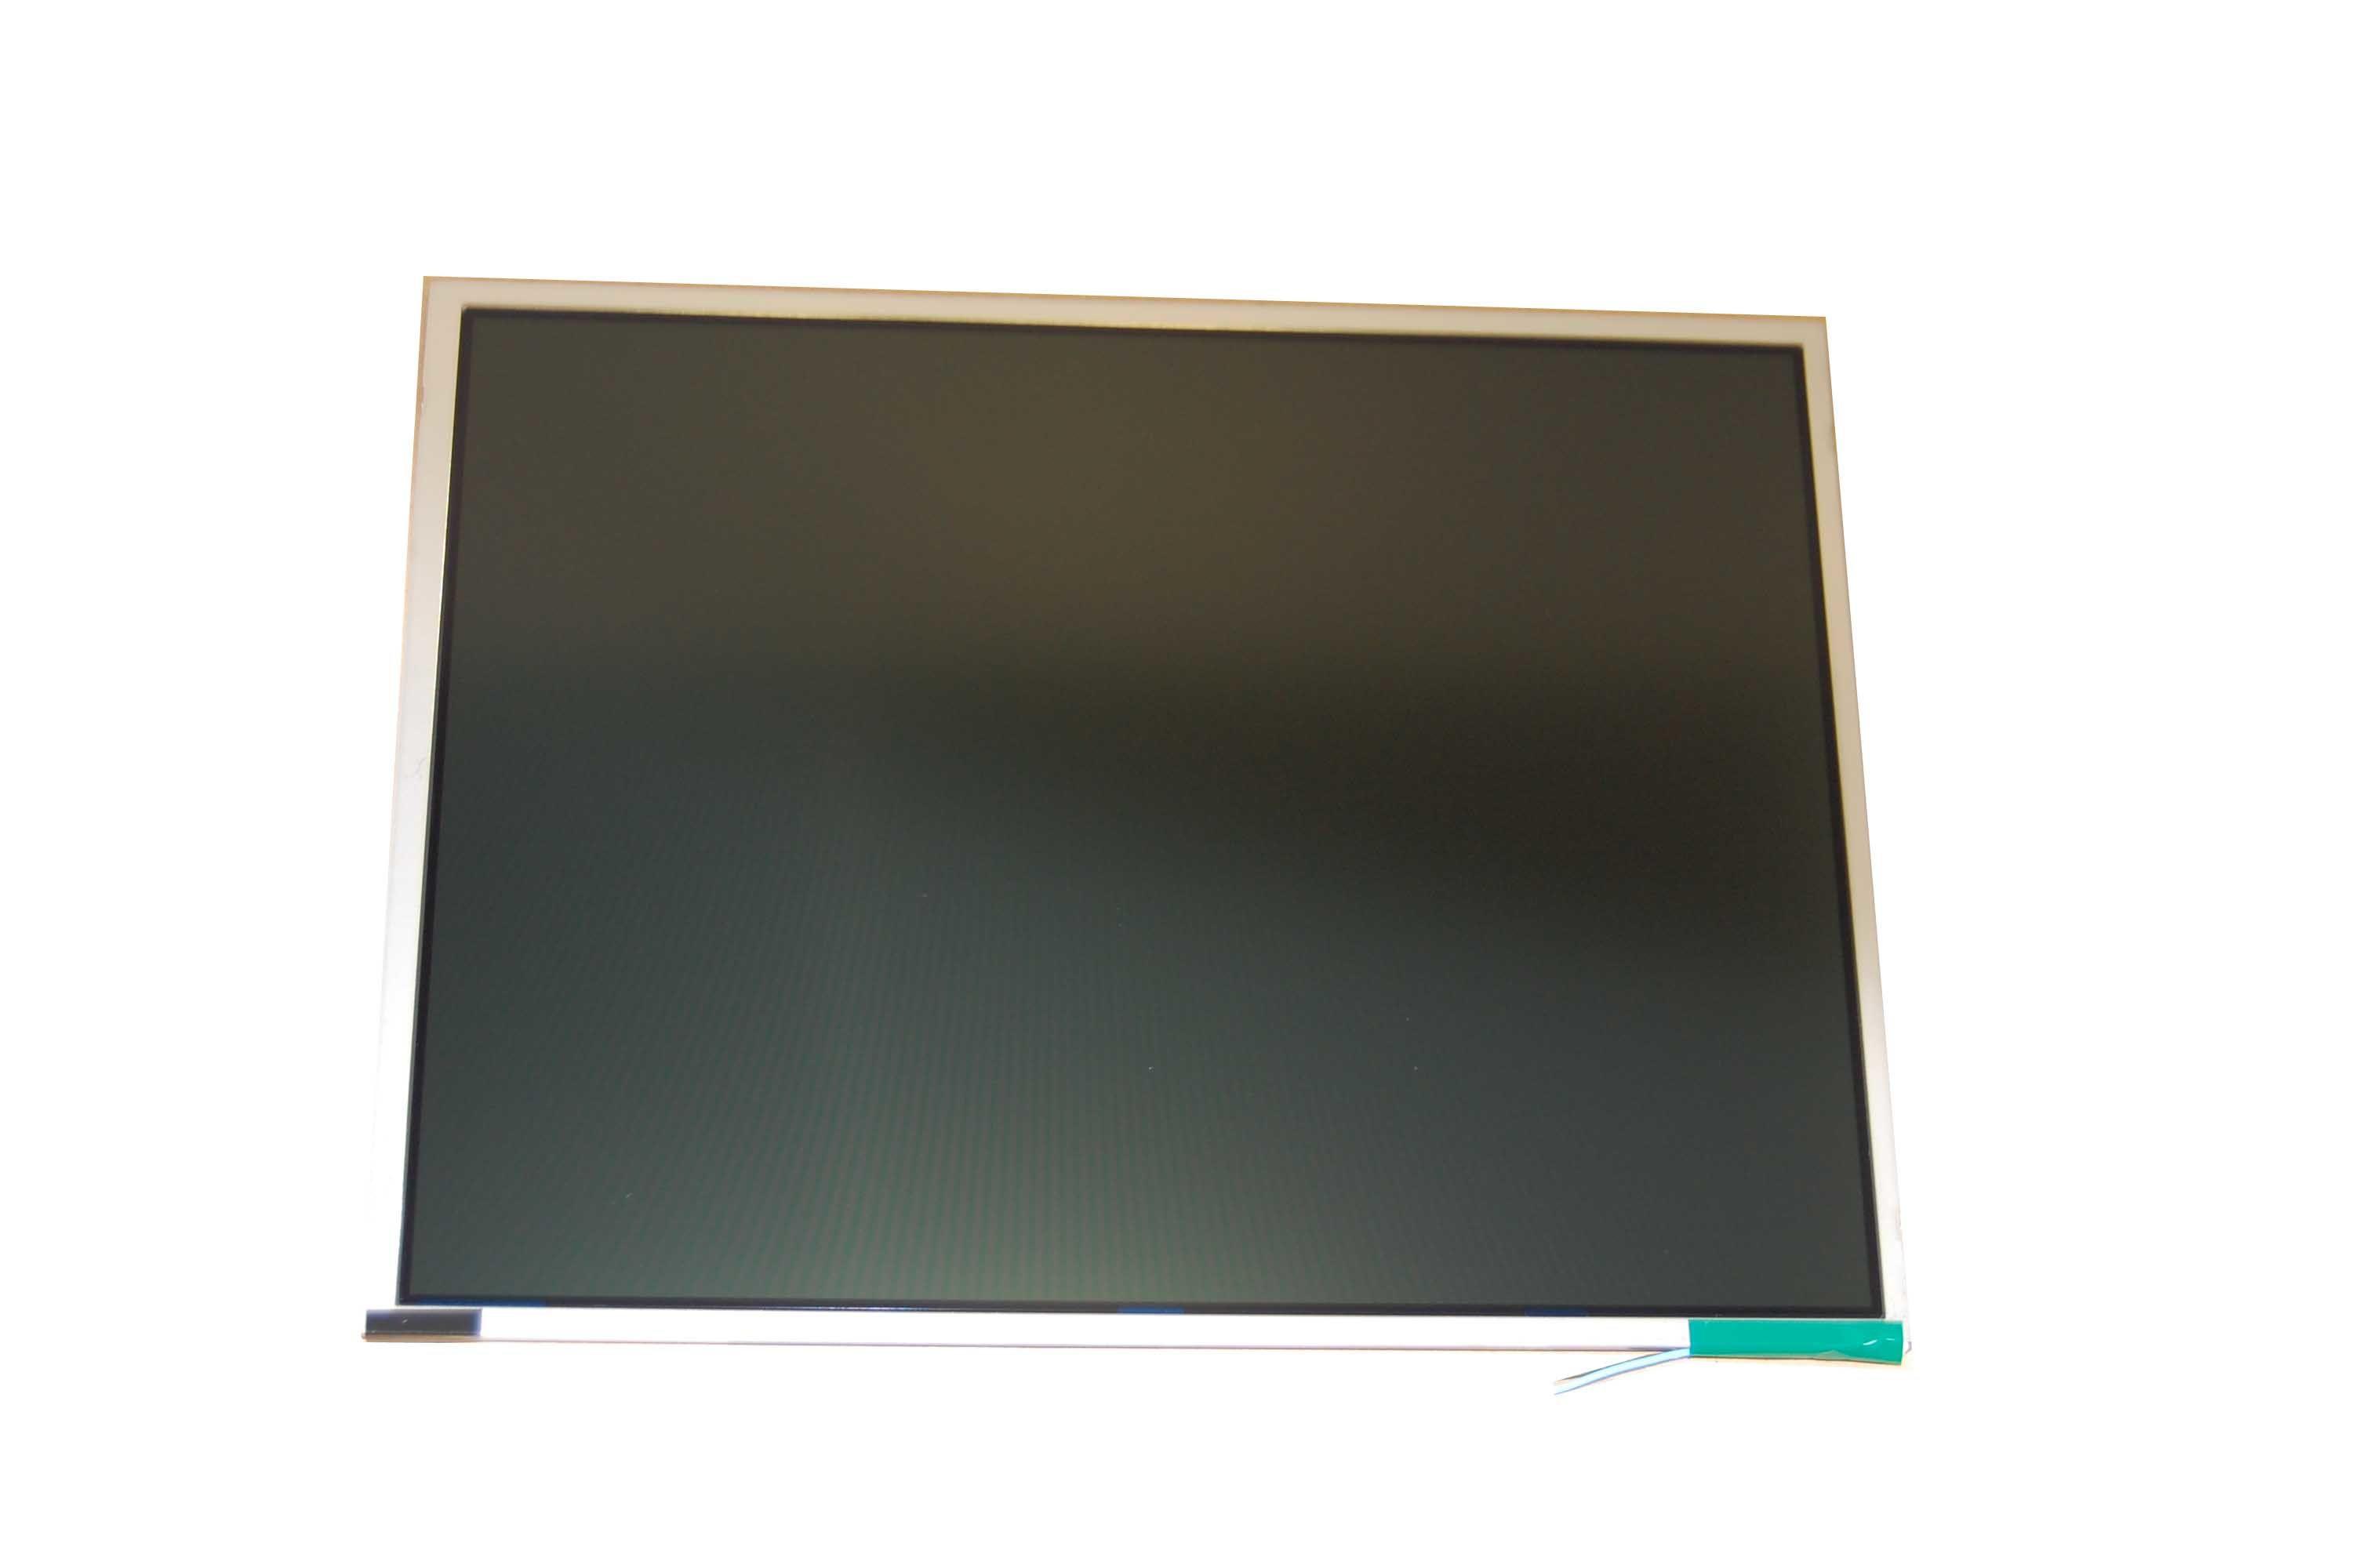 """Toshiba LTD121EA4XY Display LCD 12,1"""" 1024x768 CCFL matt"""